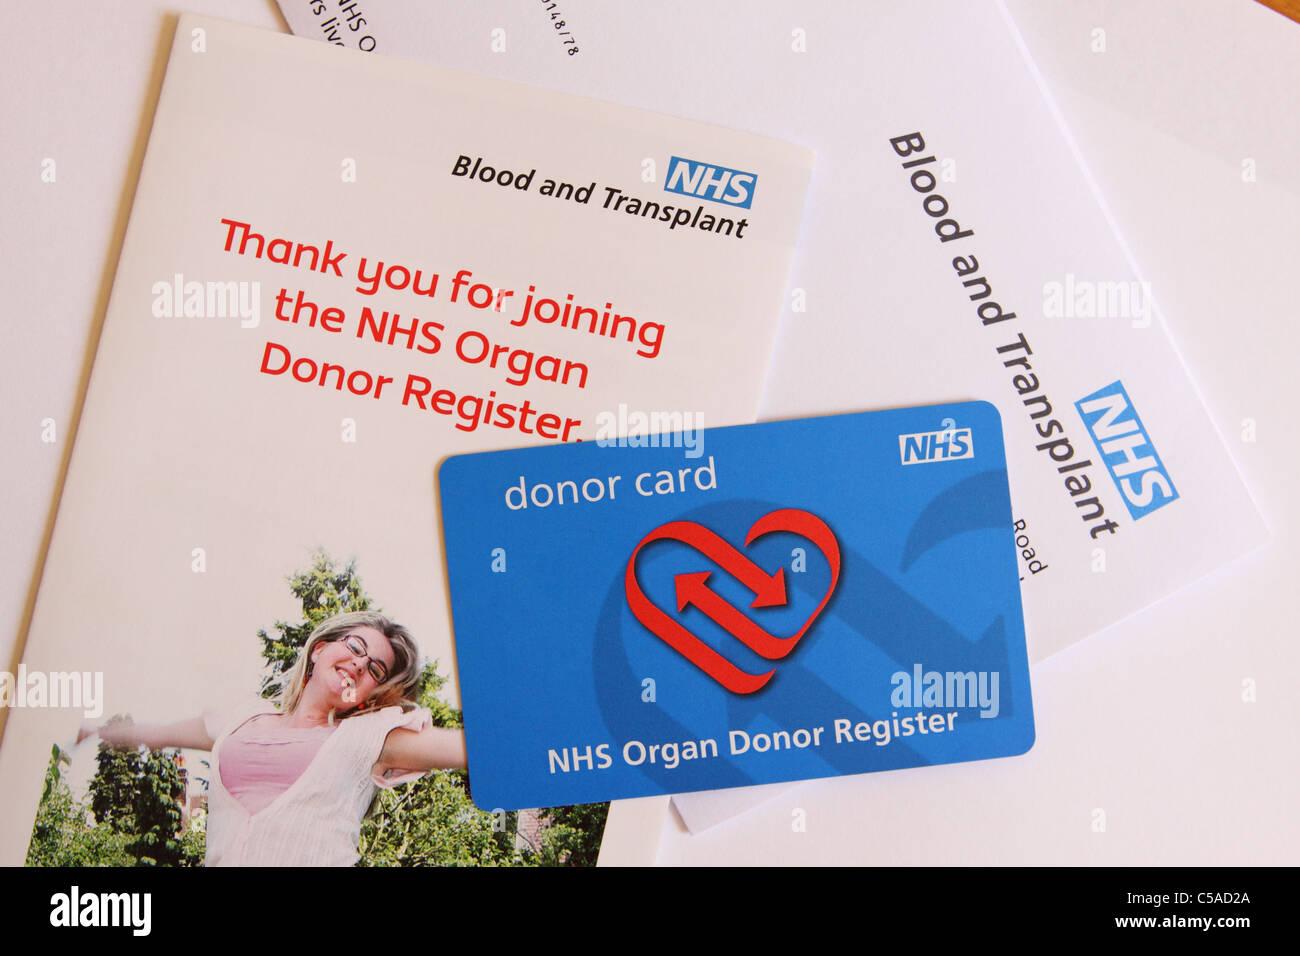 NHS Organ Donor Card - Stock Image